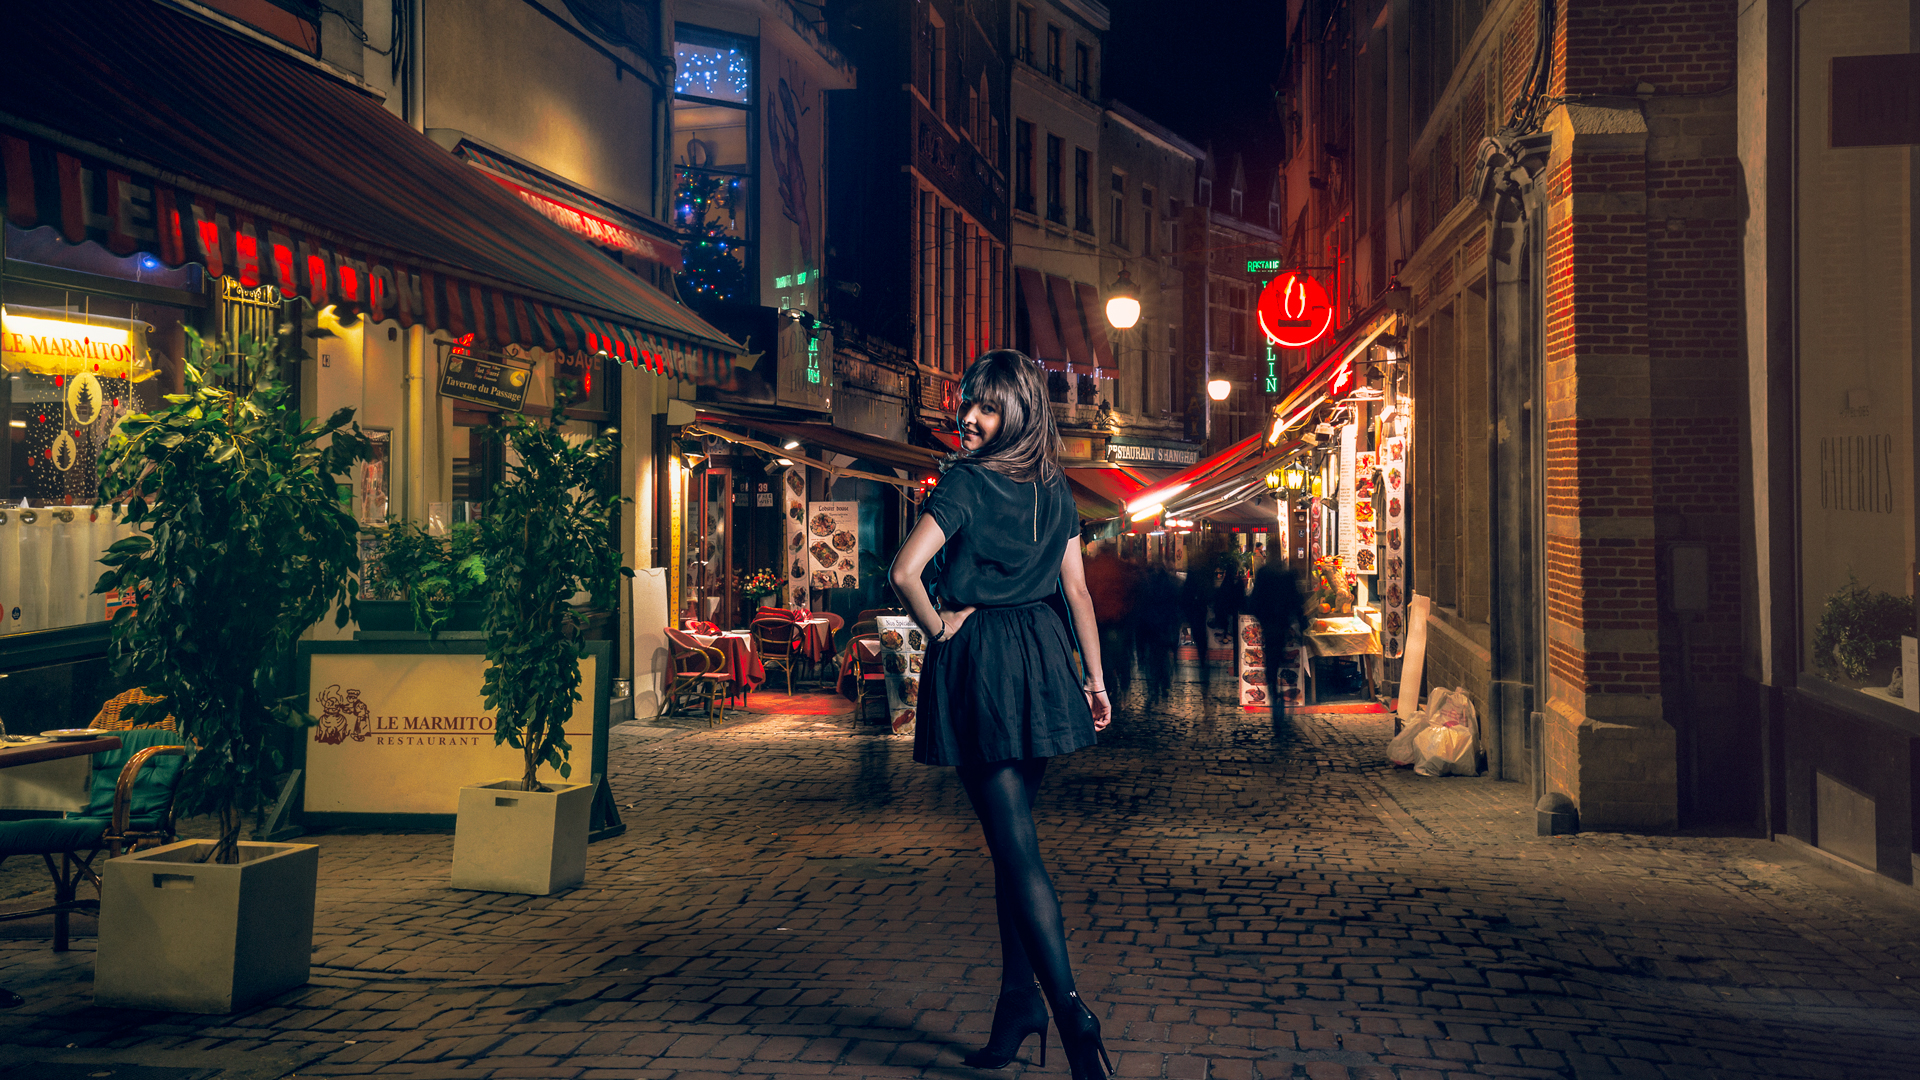 Parisienne in Brussels 3